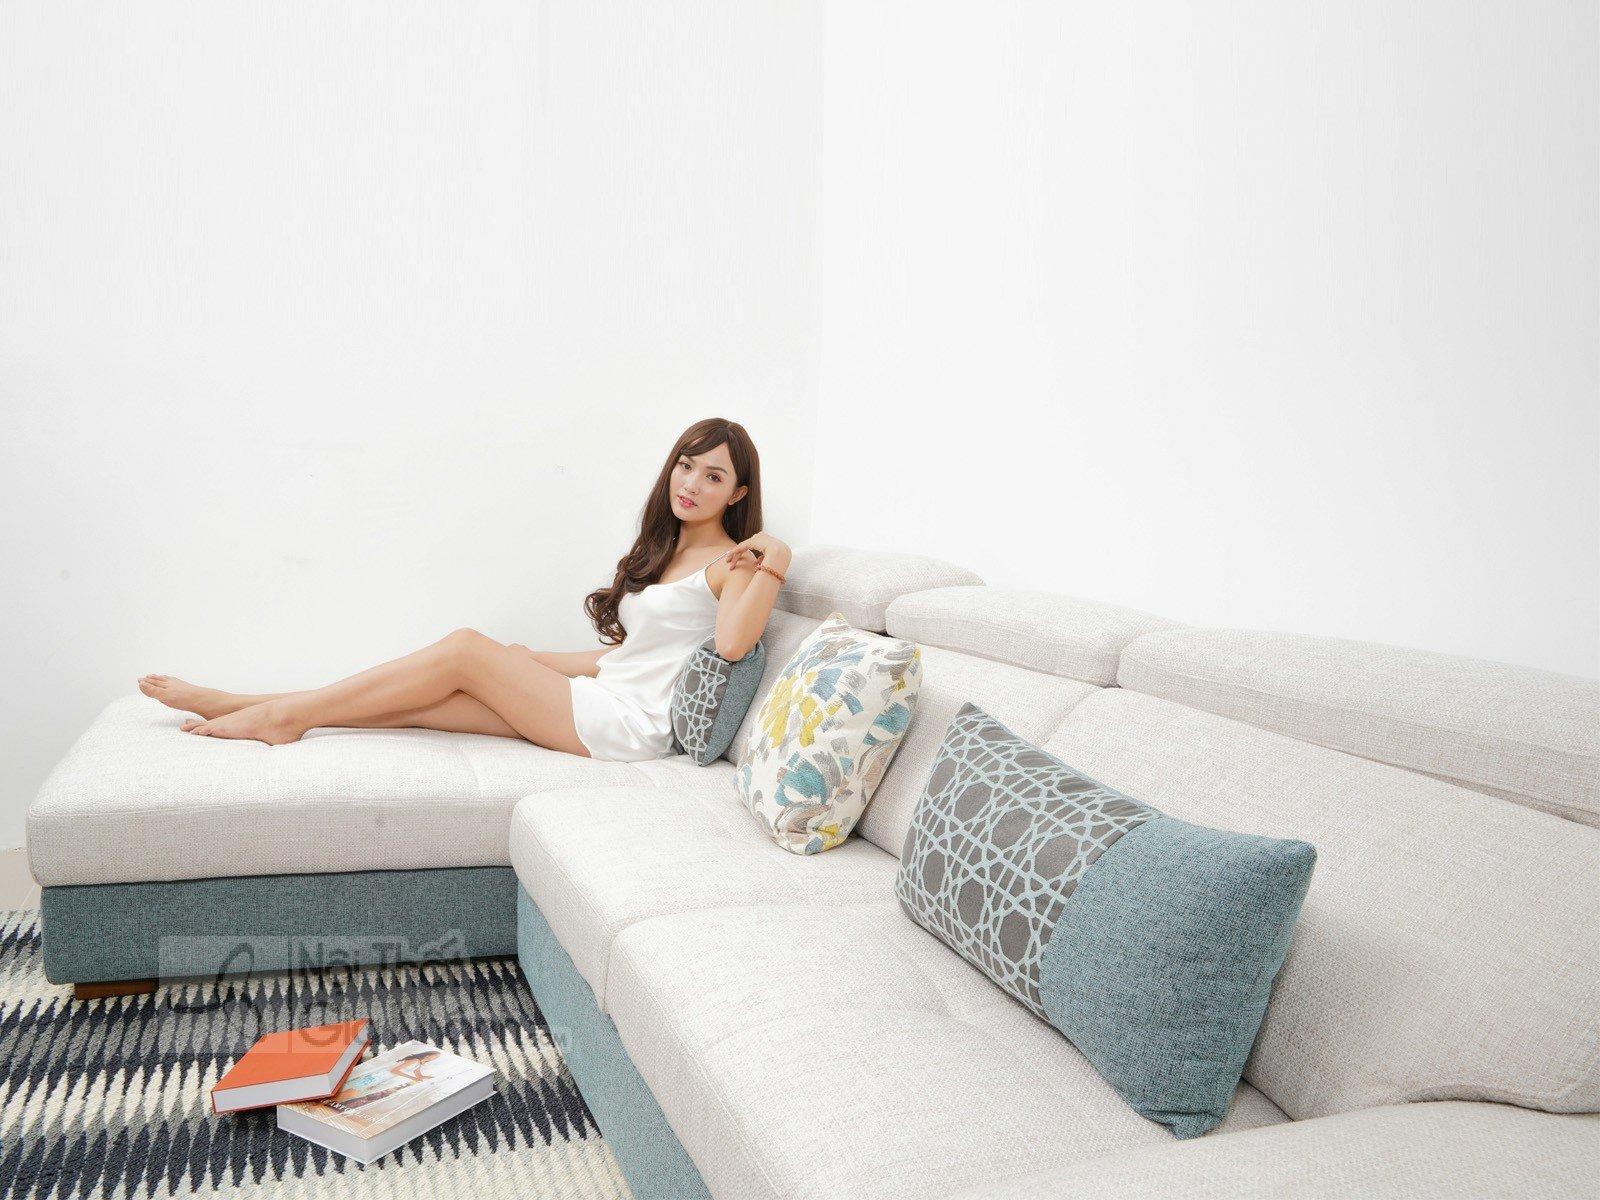 Bàn ghế Sofa vải nhập khẩu cao cấp 2 băng MR801C-SF - sofa hien dai MR801C SF 2900x1800x850 13